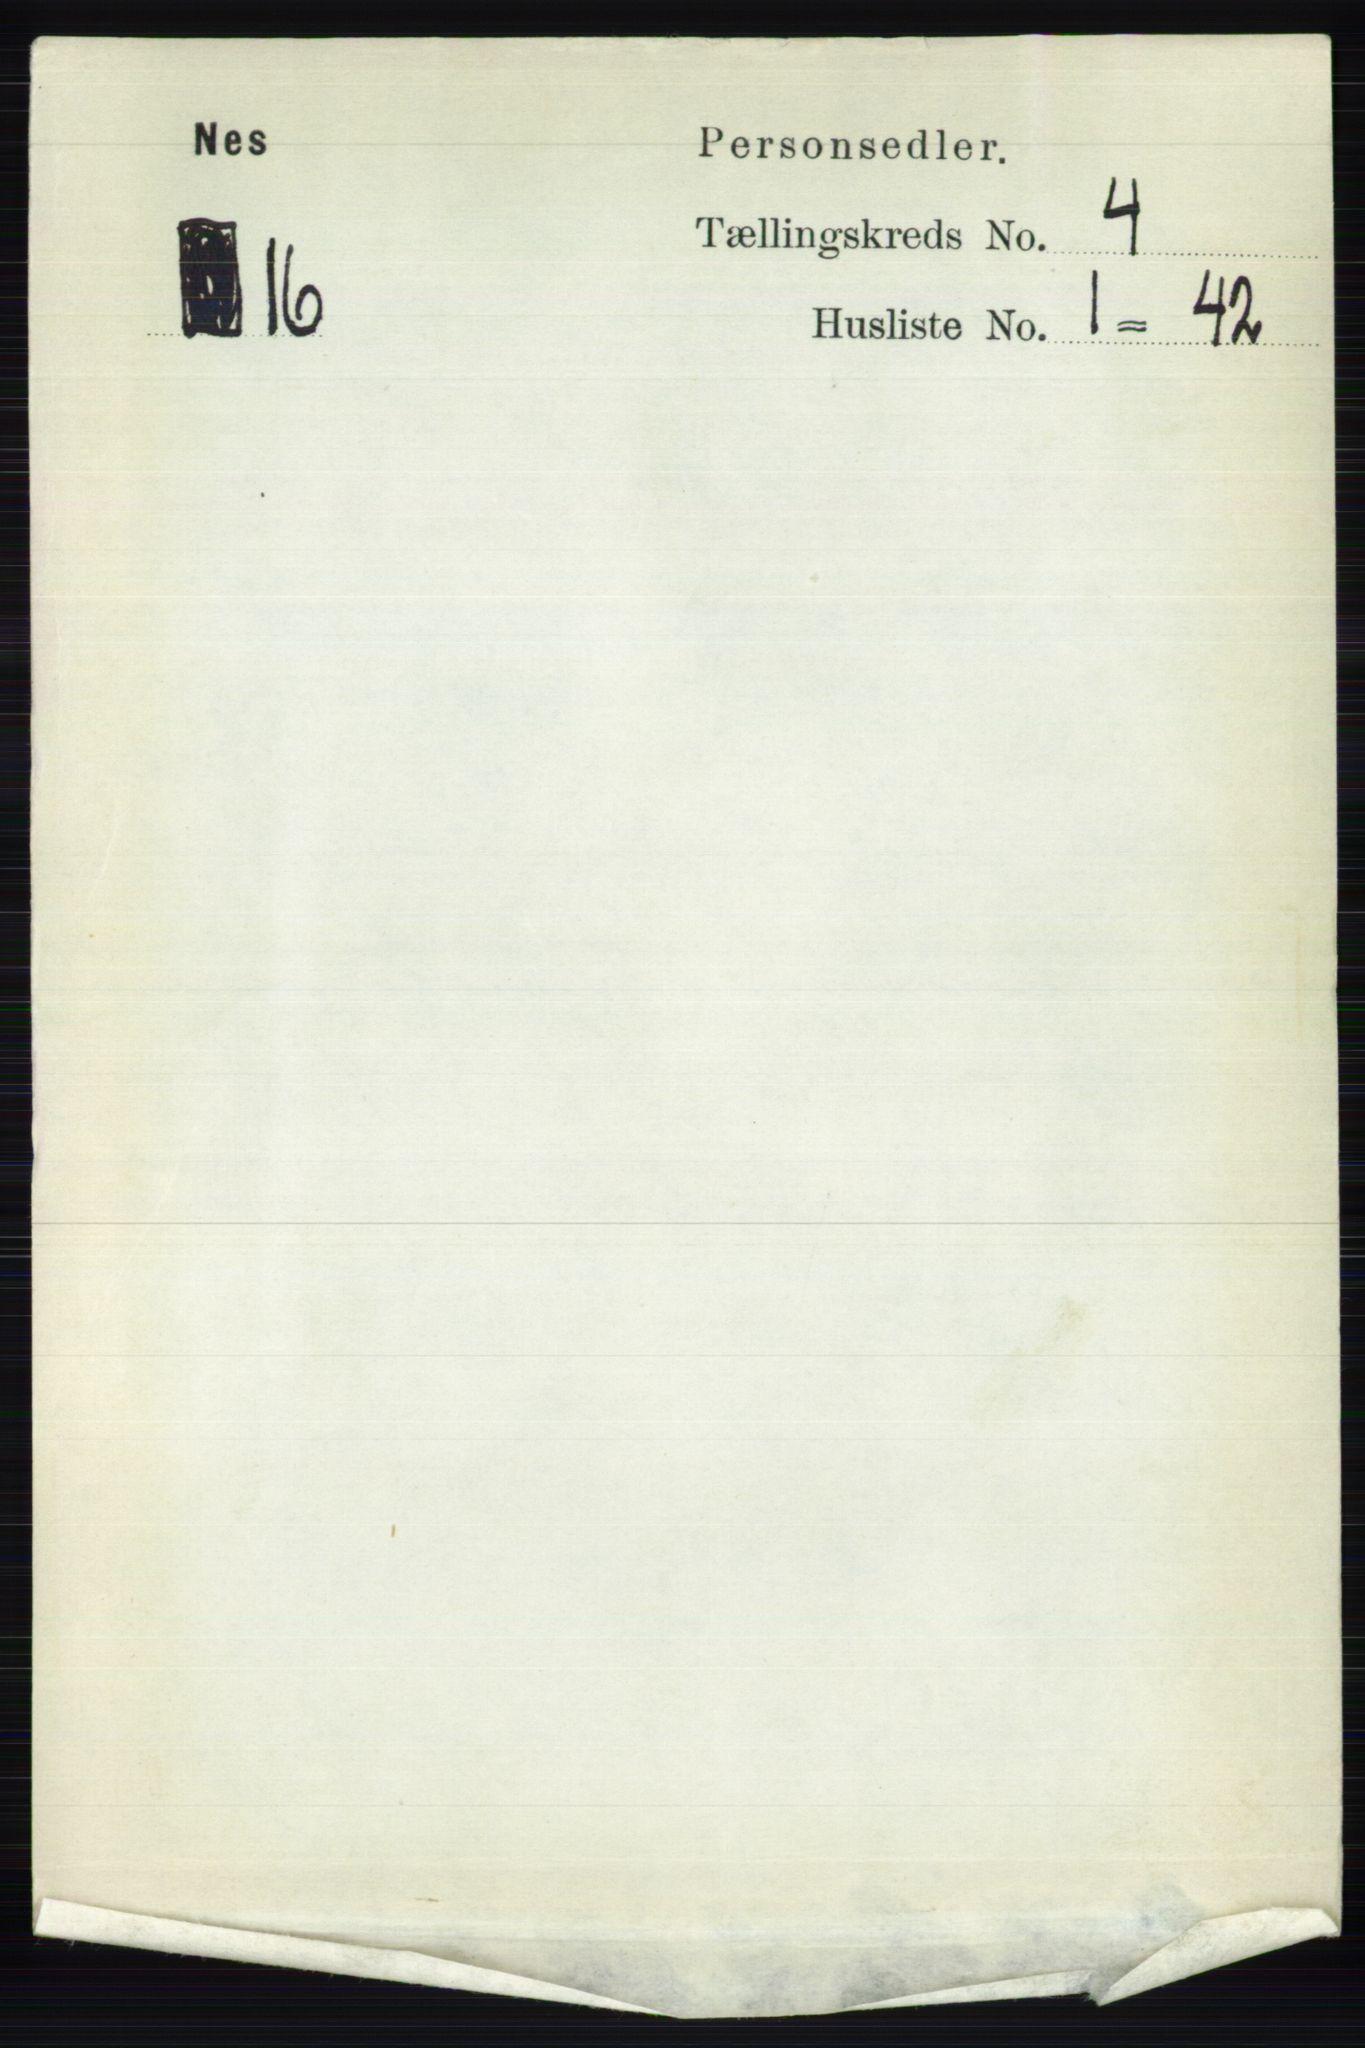 RA, Folketelling 1891 for 0411 Nes herred, 1891, s. 2043